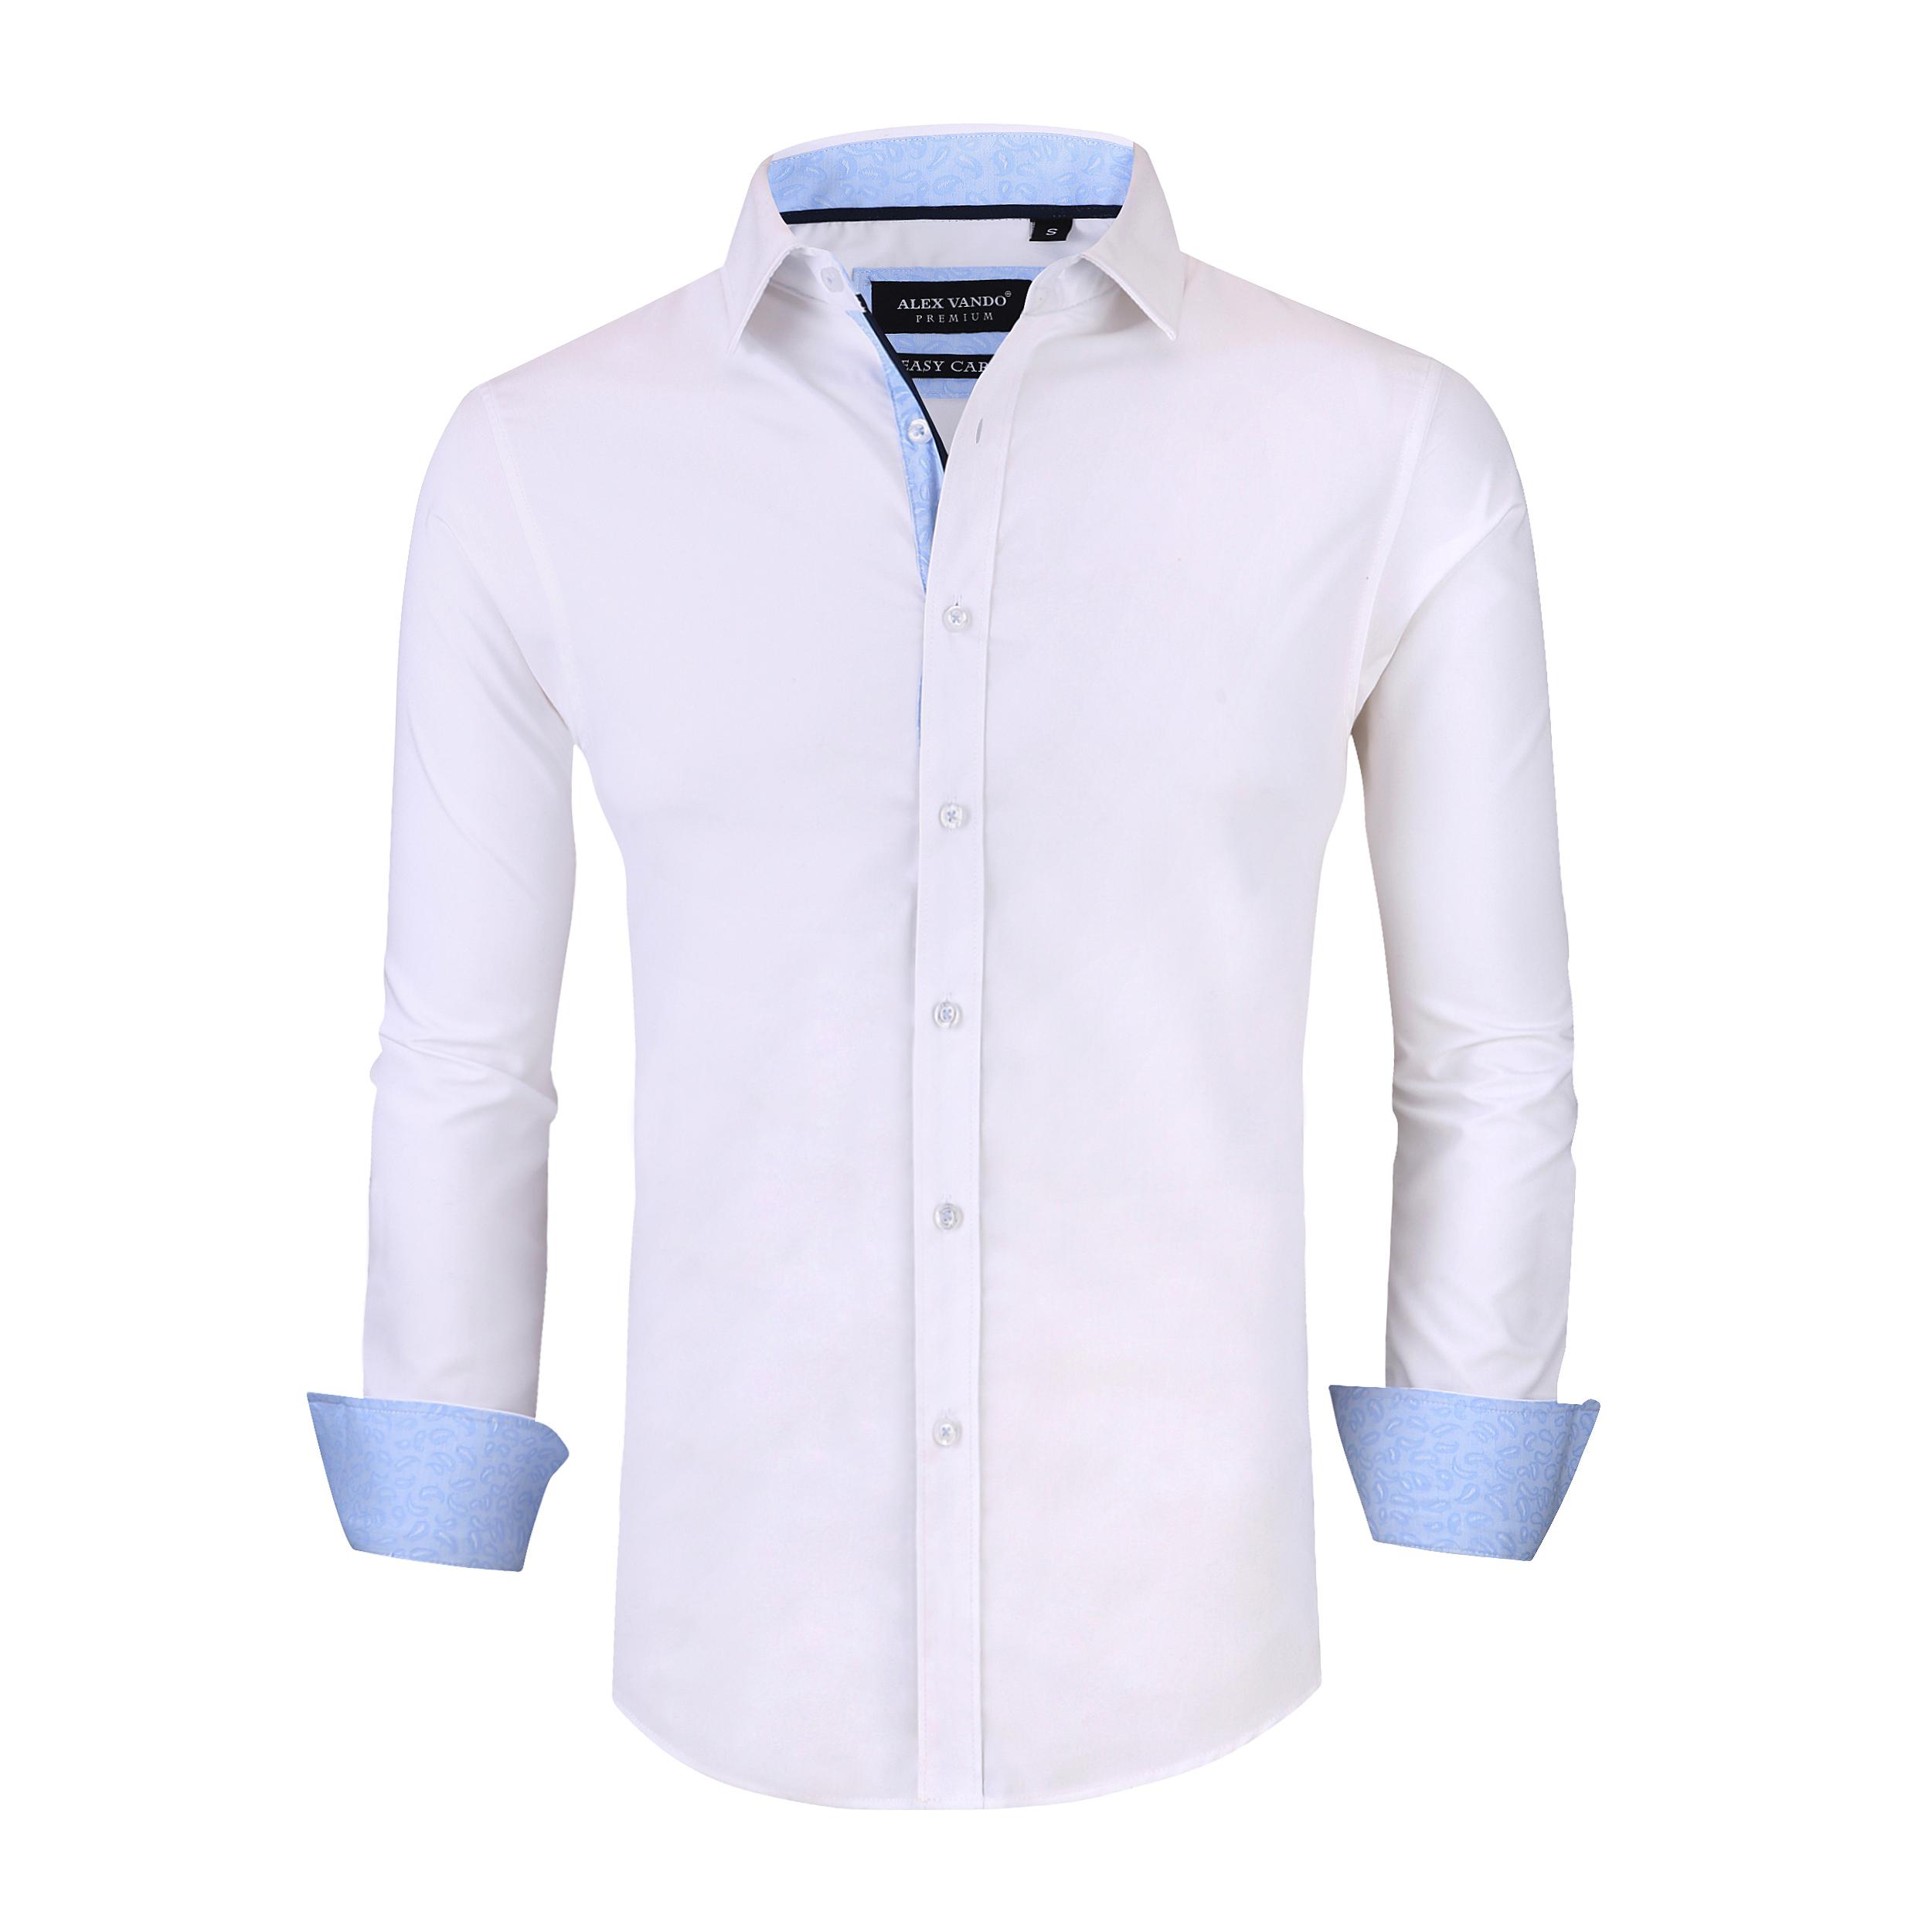 057b6dbb39a Alex Vando Mens Dress Shirts Wrinkle Free Slim Fit Long Sleeve Men Shirt  Item NO  Solid-04-White